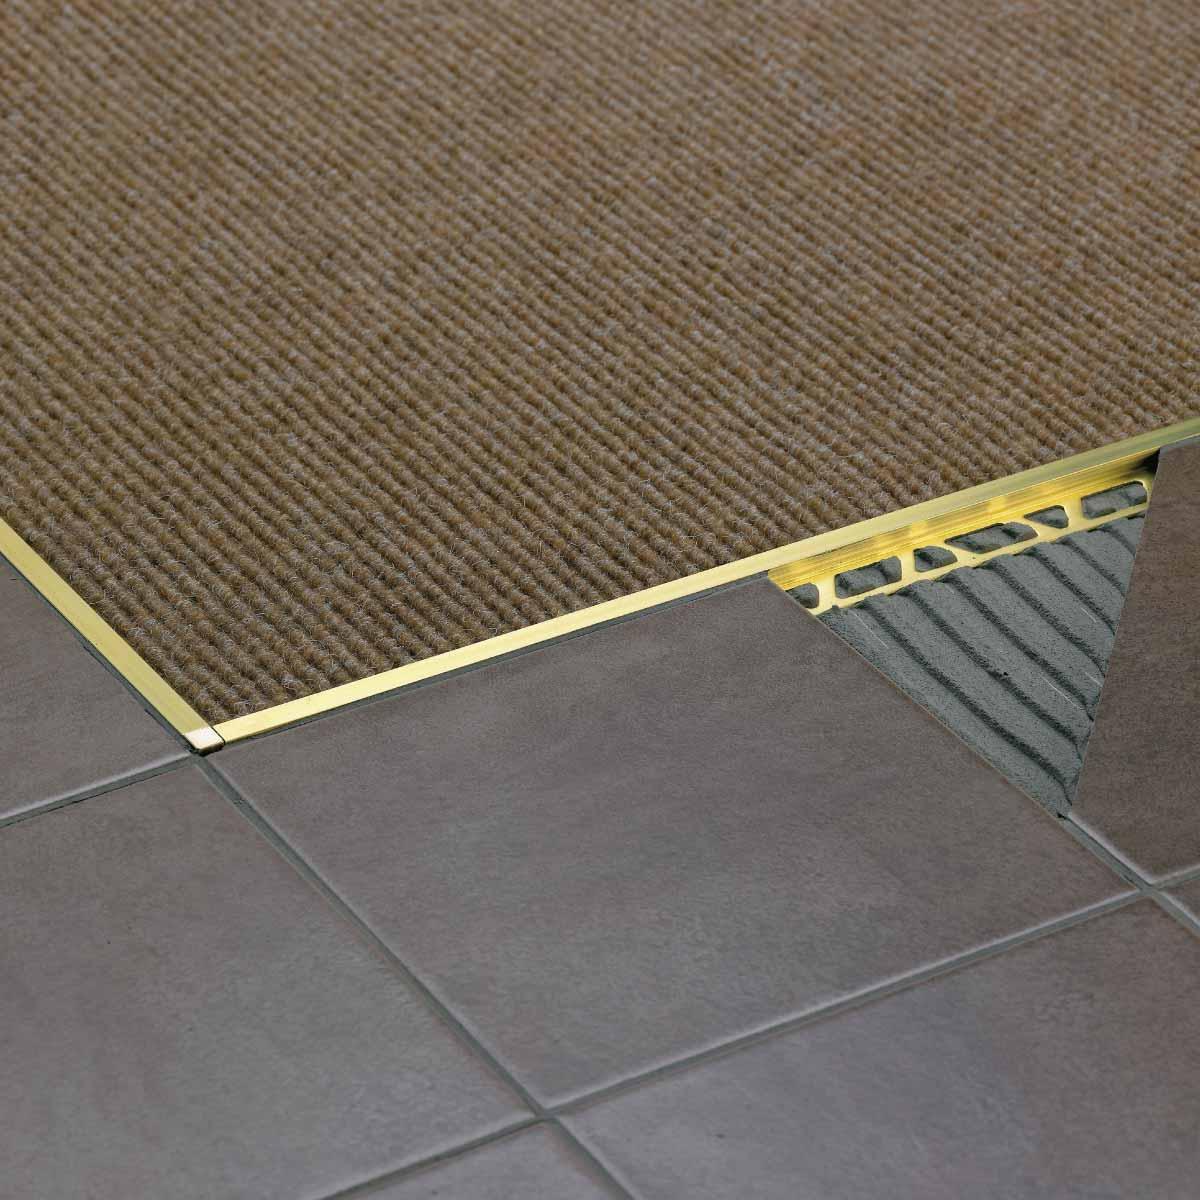 Profili per pavimenti Squarejolly SJ OL Profilitec